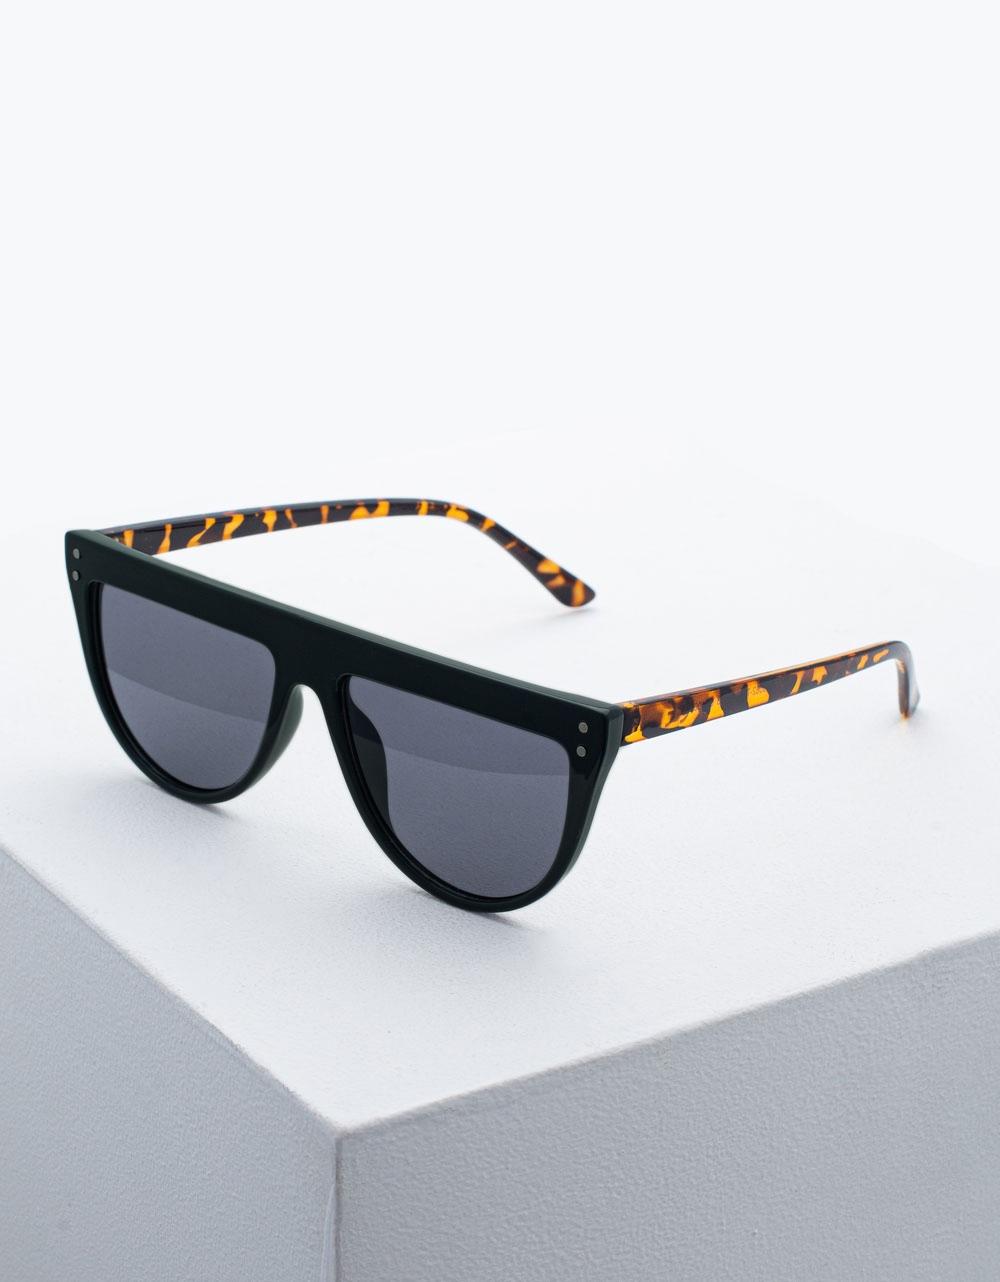 Εικόνα από Γυναικεία γυαλιά ηλίου Πράσινο